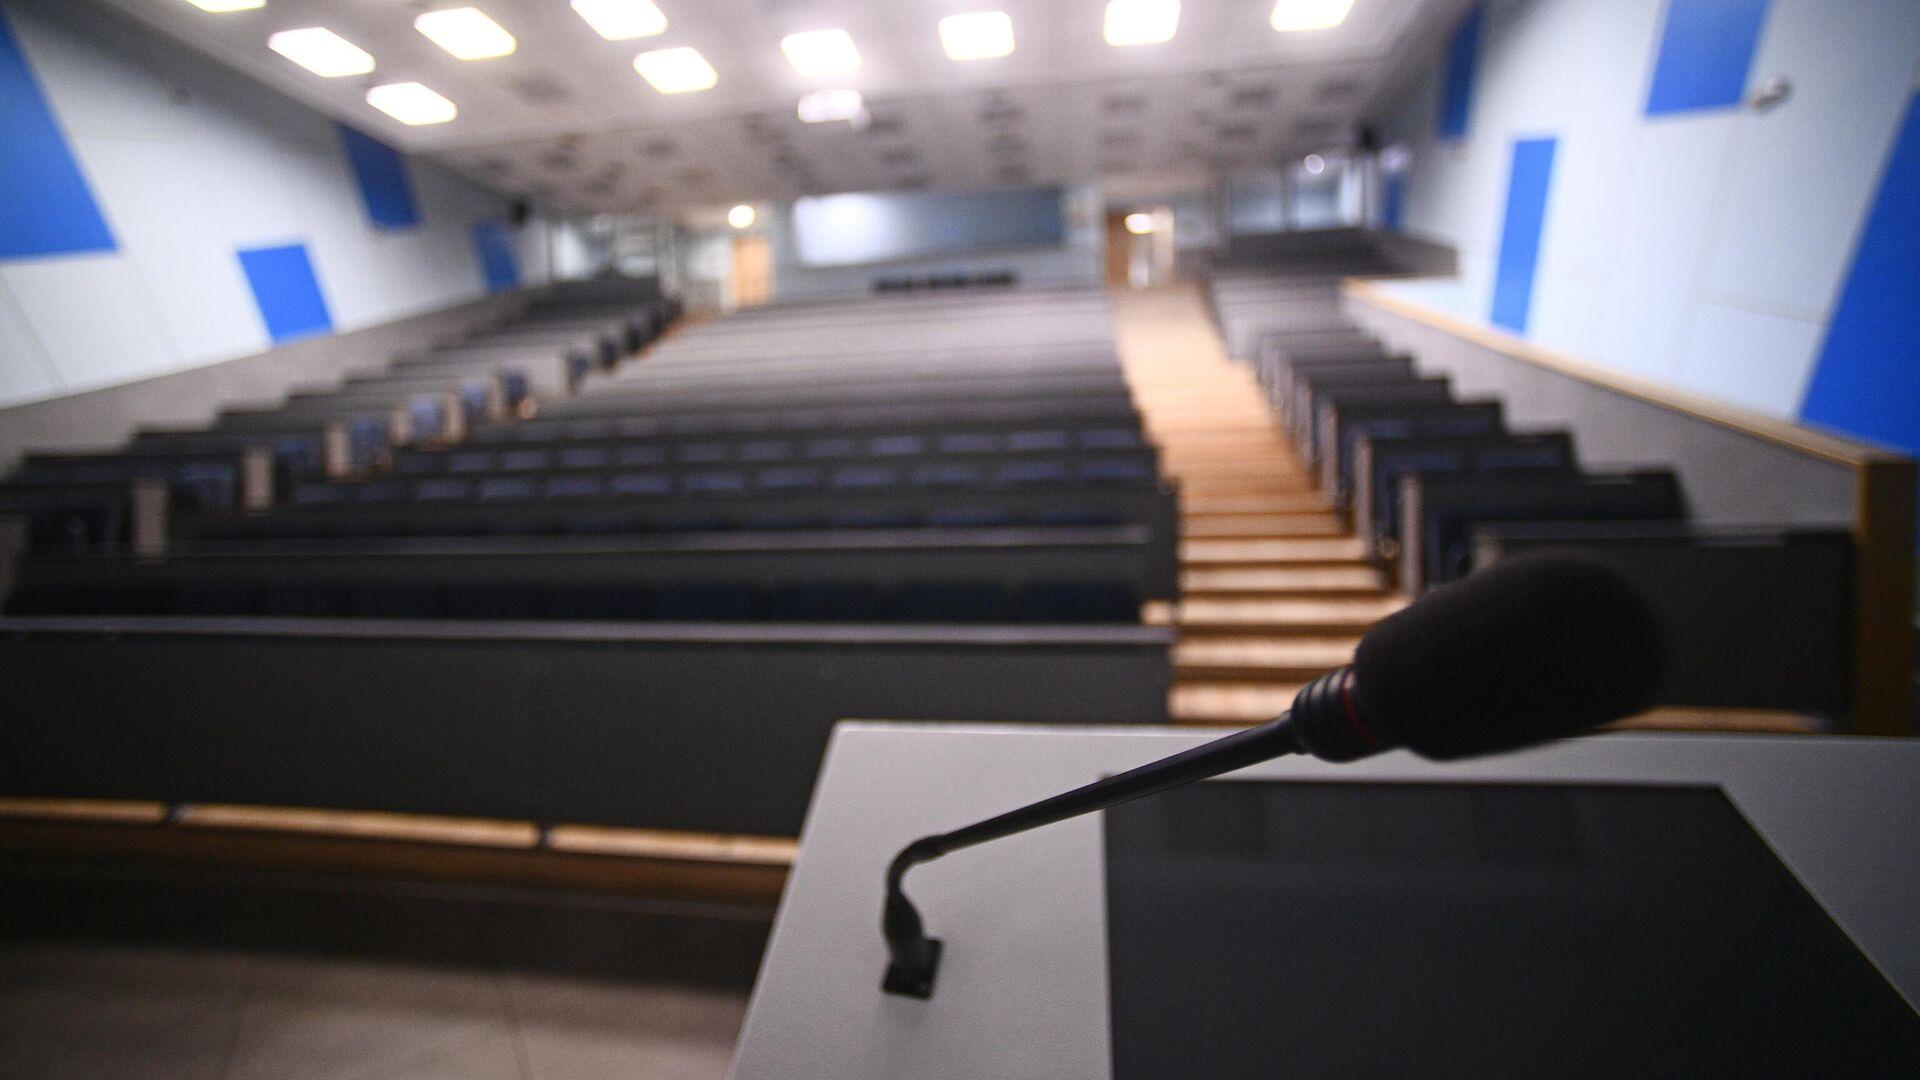 Пустая аудитория Национального исследовательского технологического университета МИСиС - РИА Новости, 1920, 24.10.2020